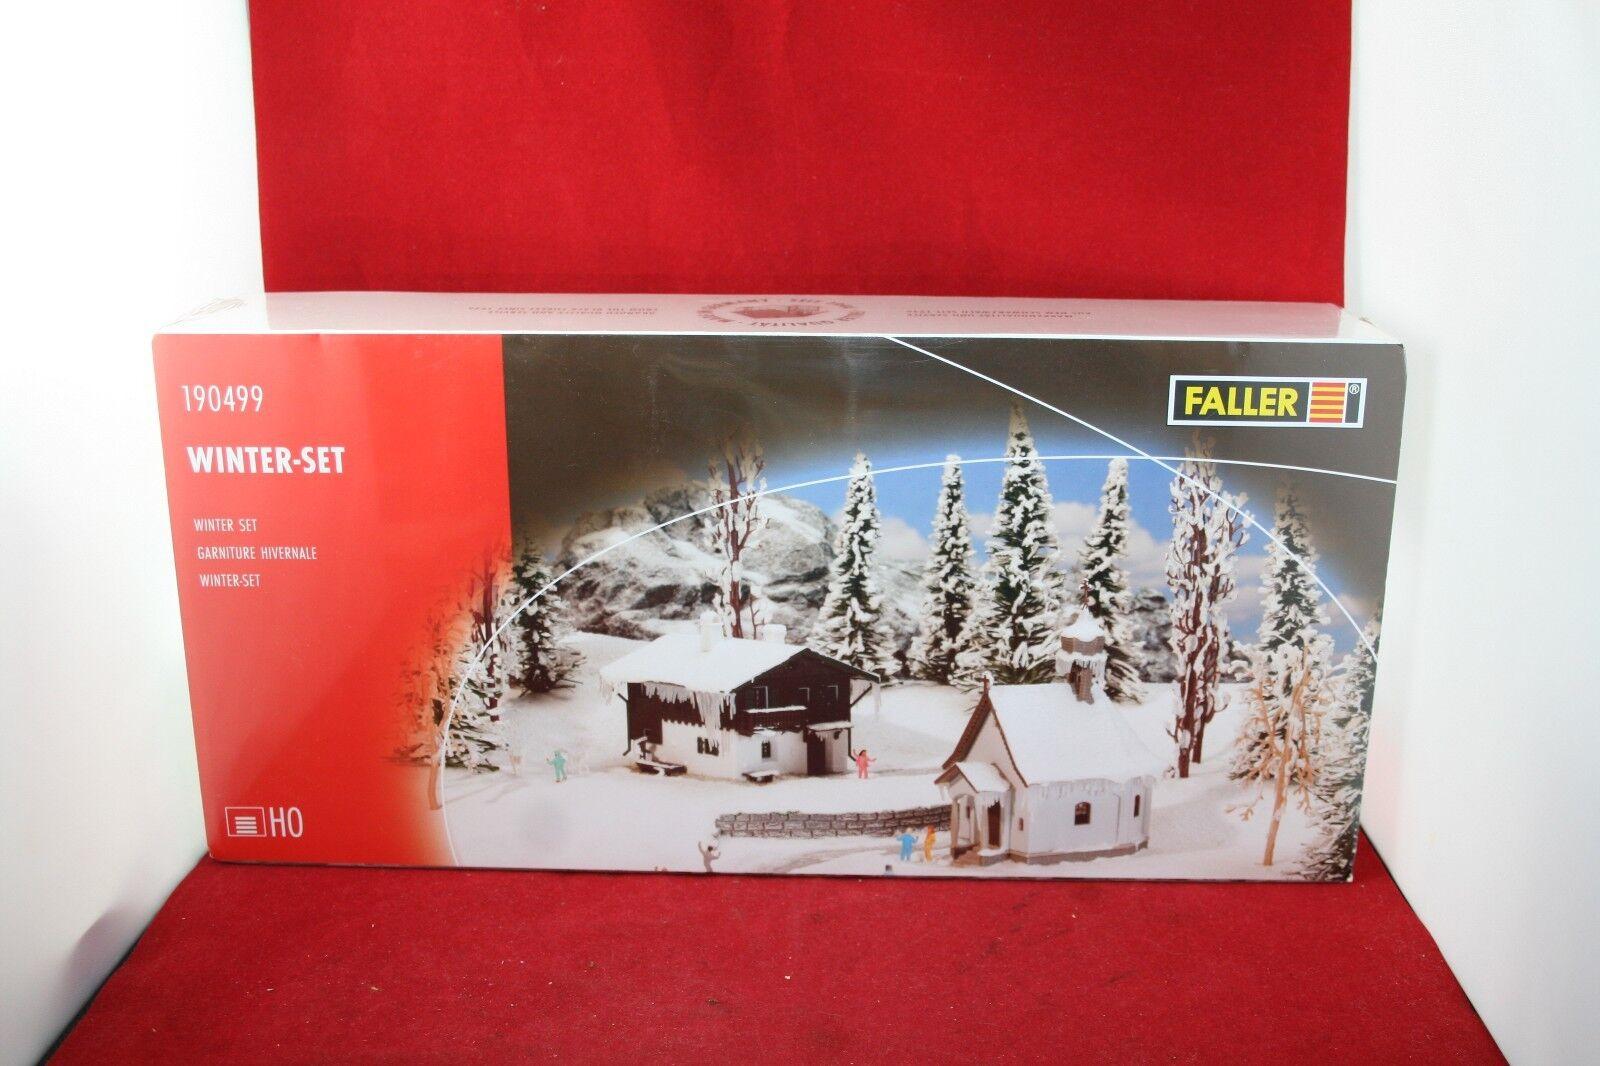 Faller 190499 190499 190499 pista h0 invierno-set kit/nuevo/en el embalaje original 082ab6